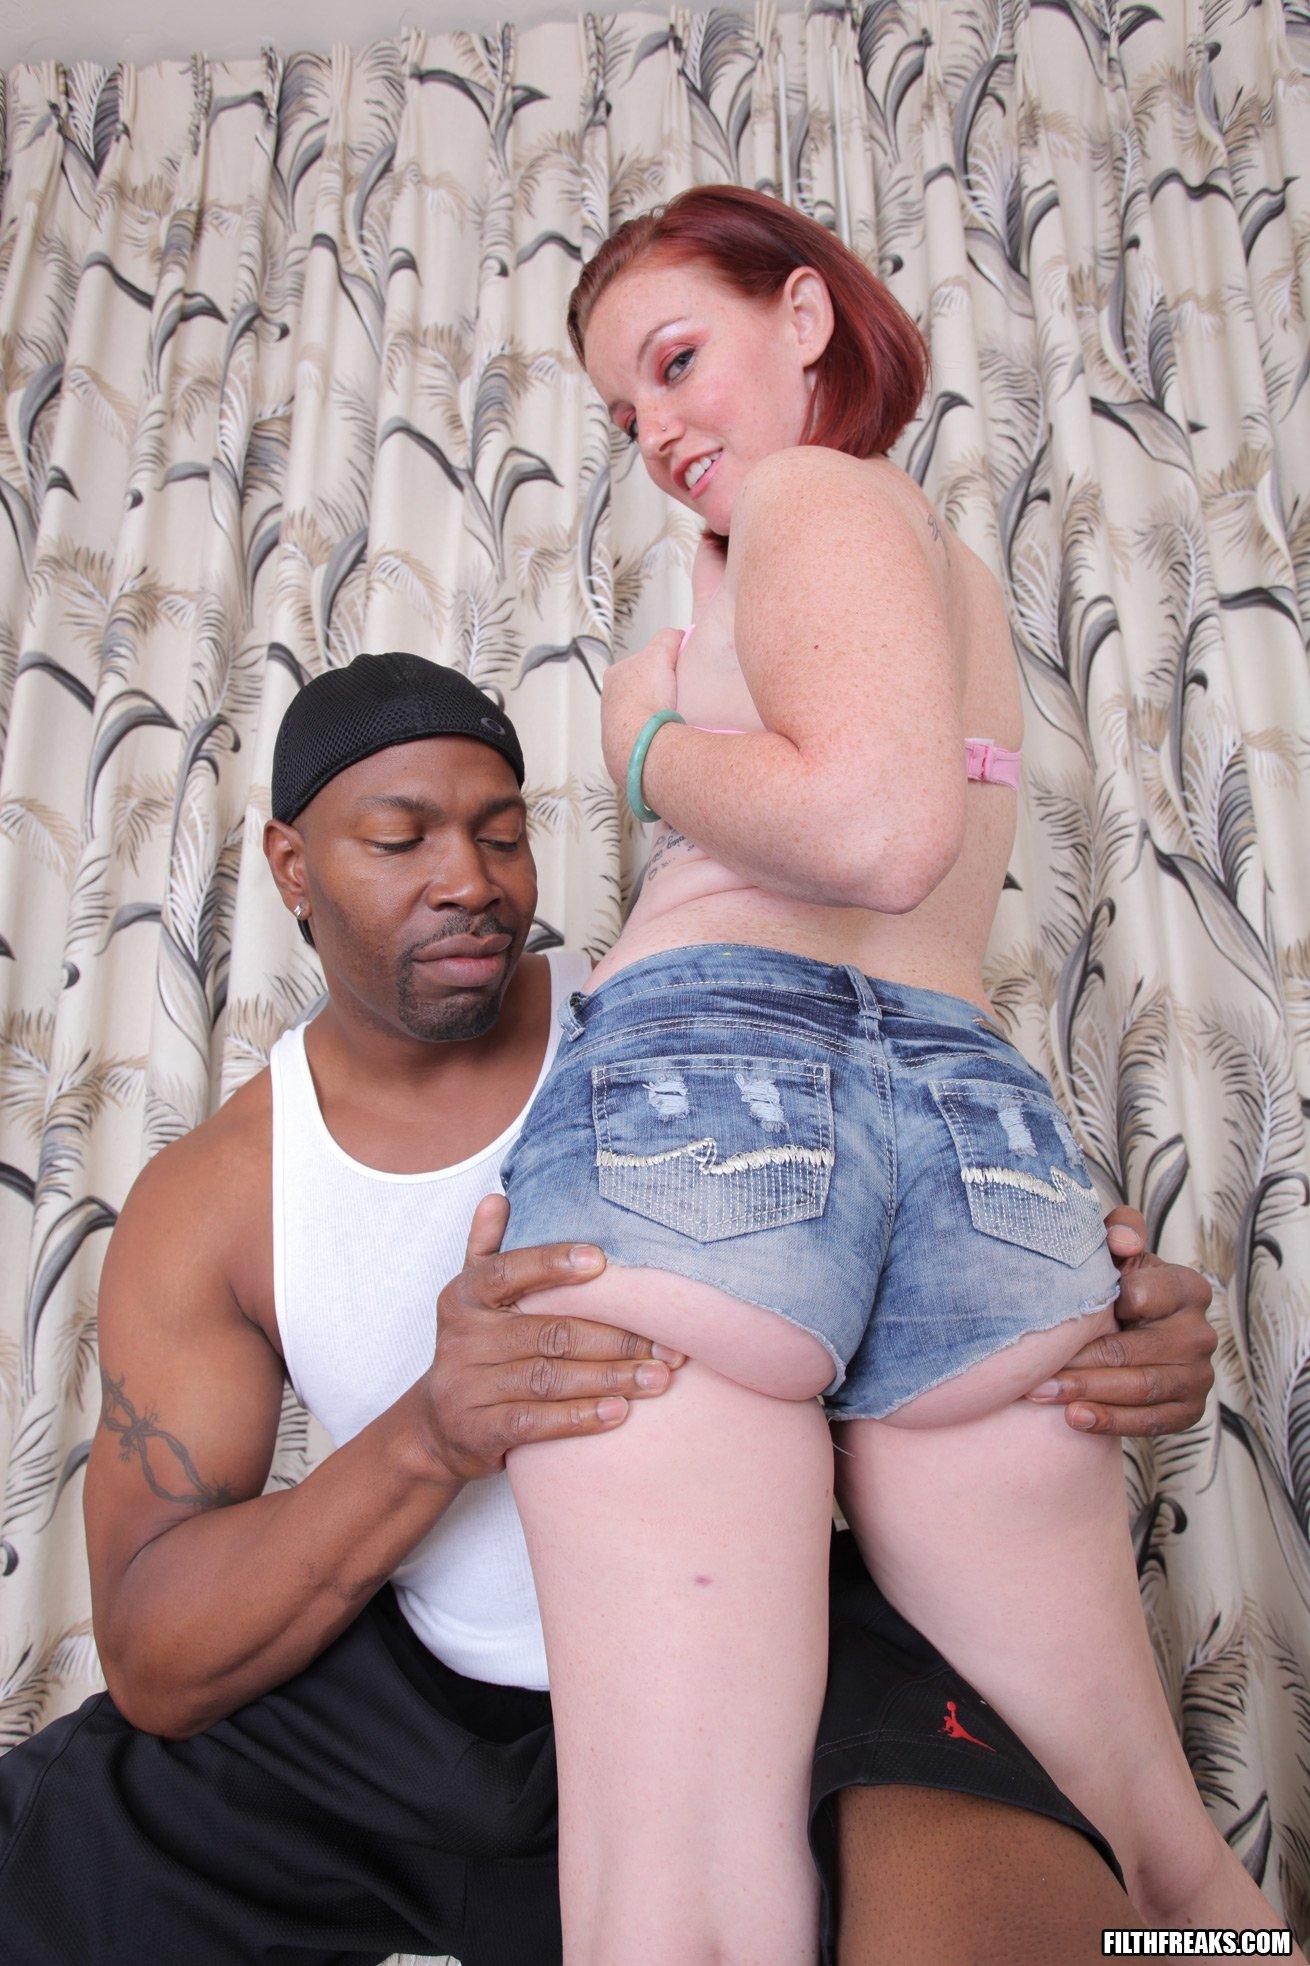 Межрассовый секс - Фото галерея 979431